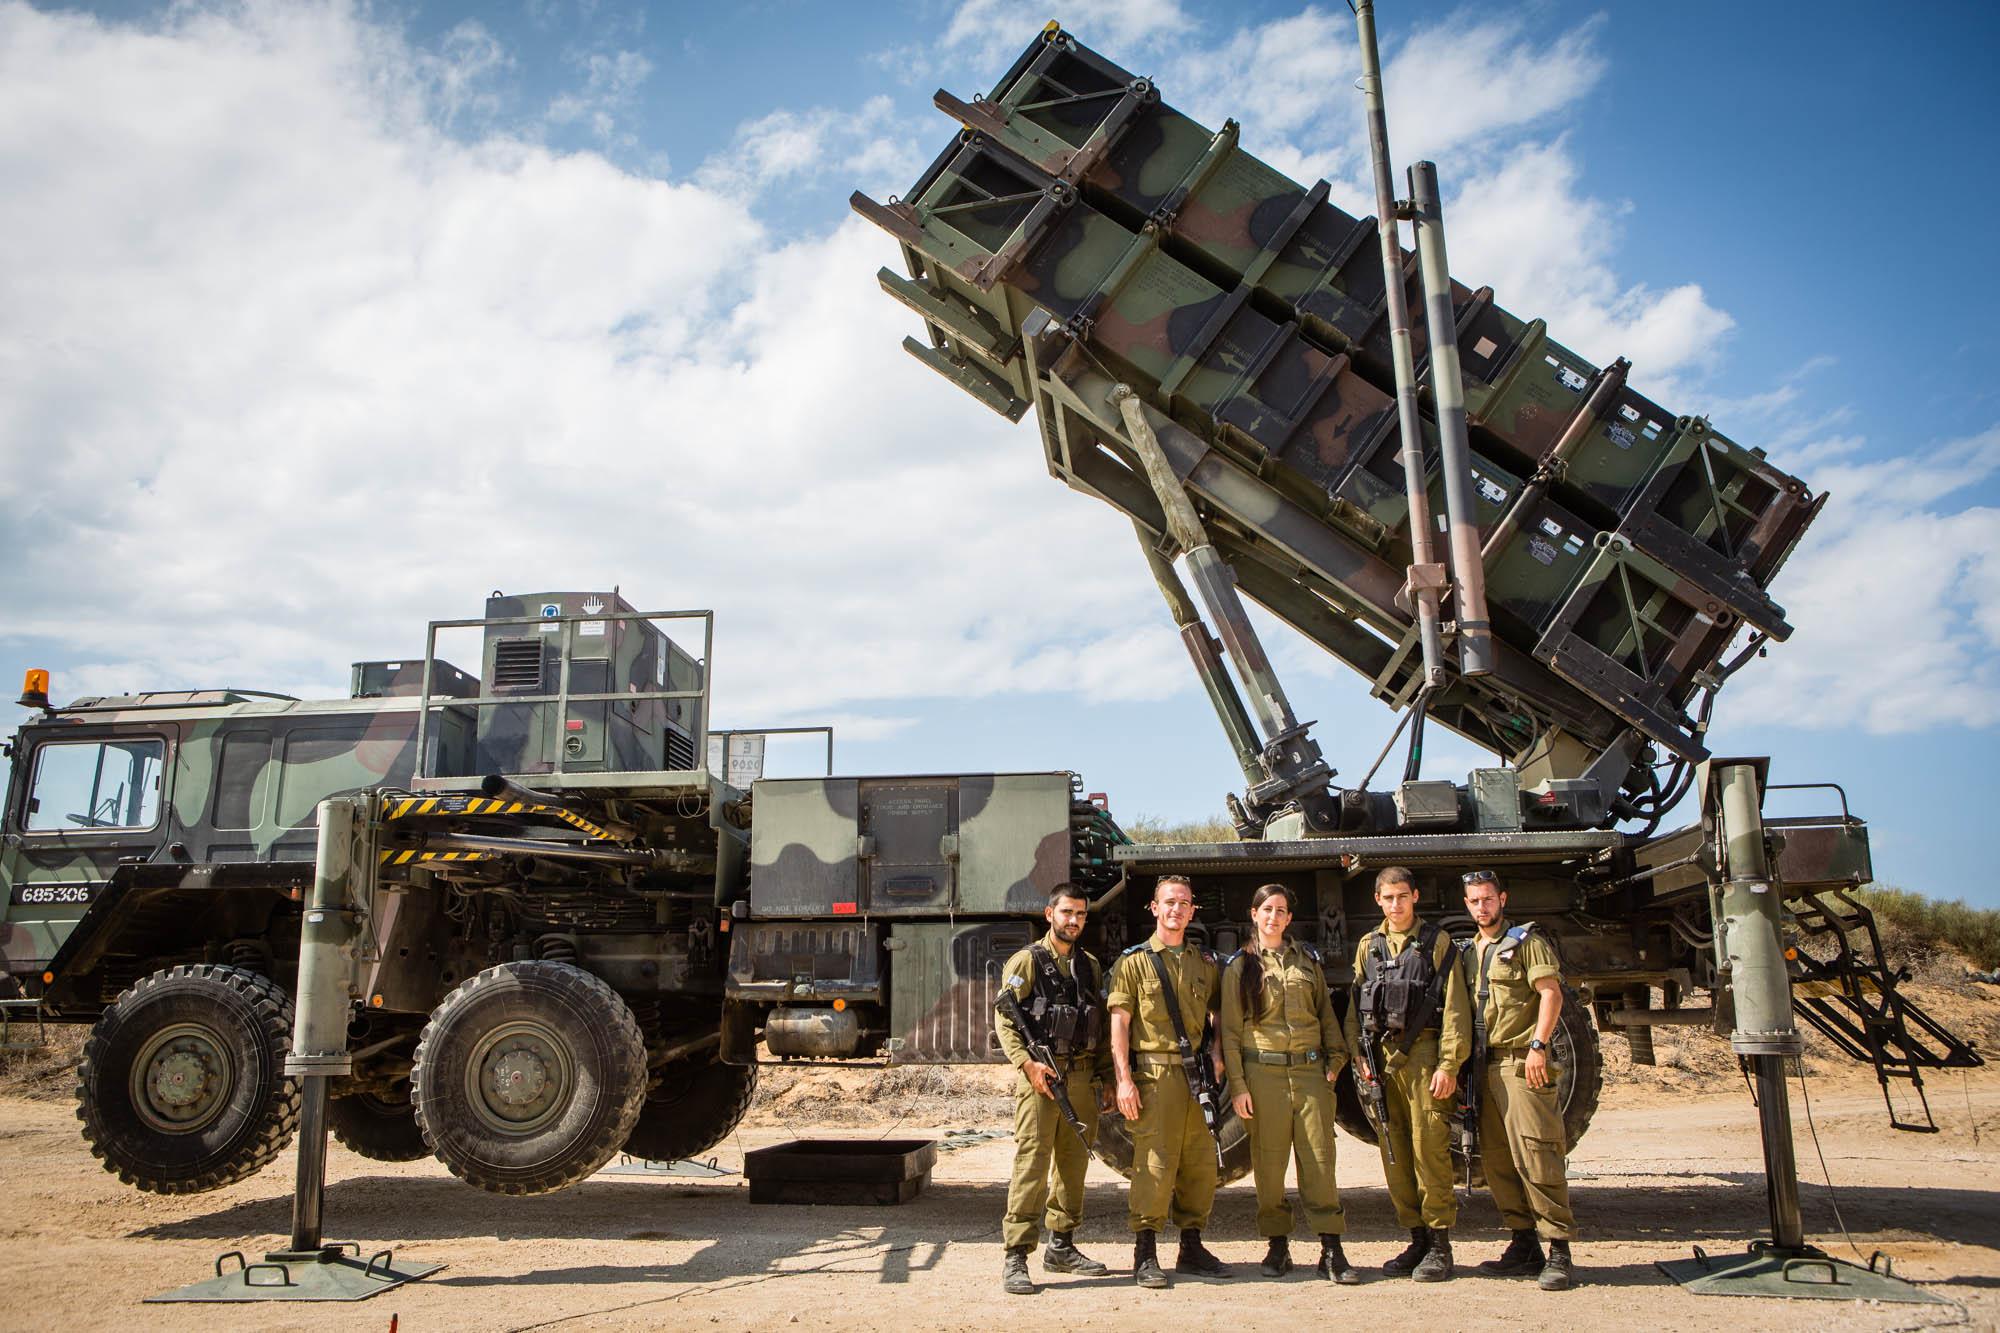 Statele NATO de la Marea Baltică cer suplimentarea forțelor Alianței din regiune cu sisteme Patriot